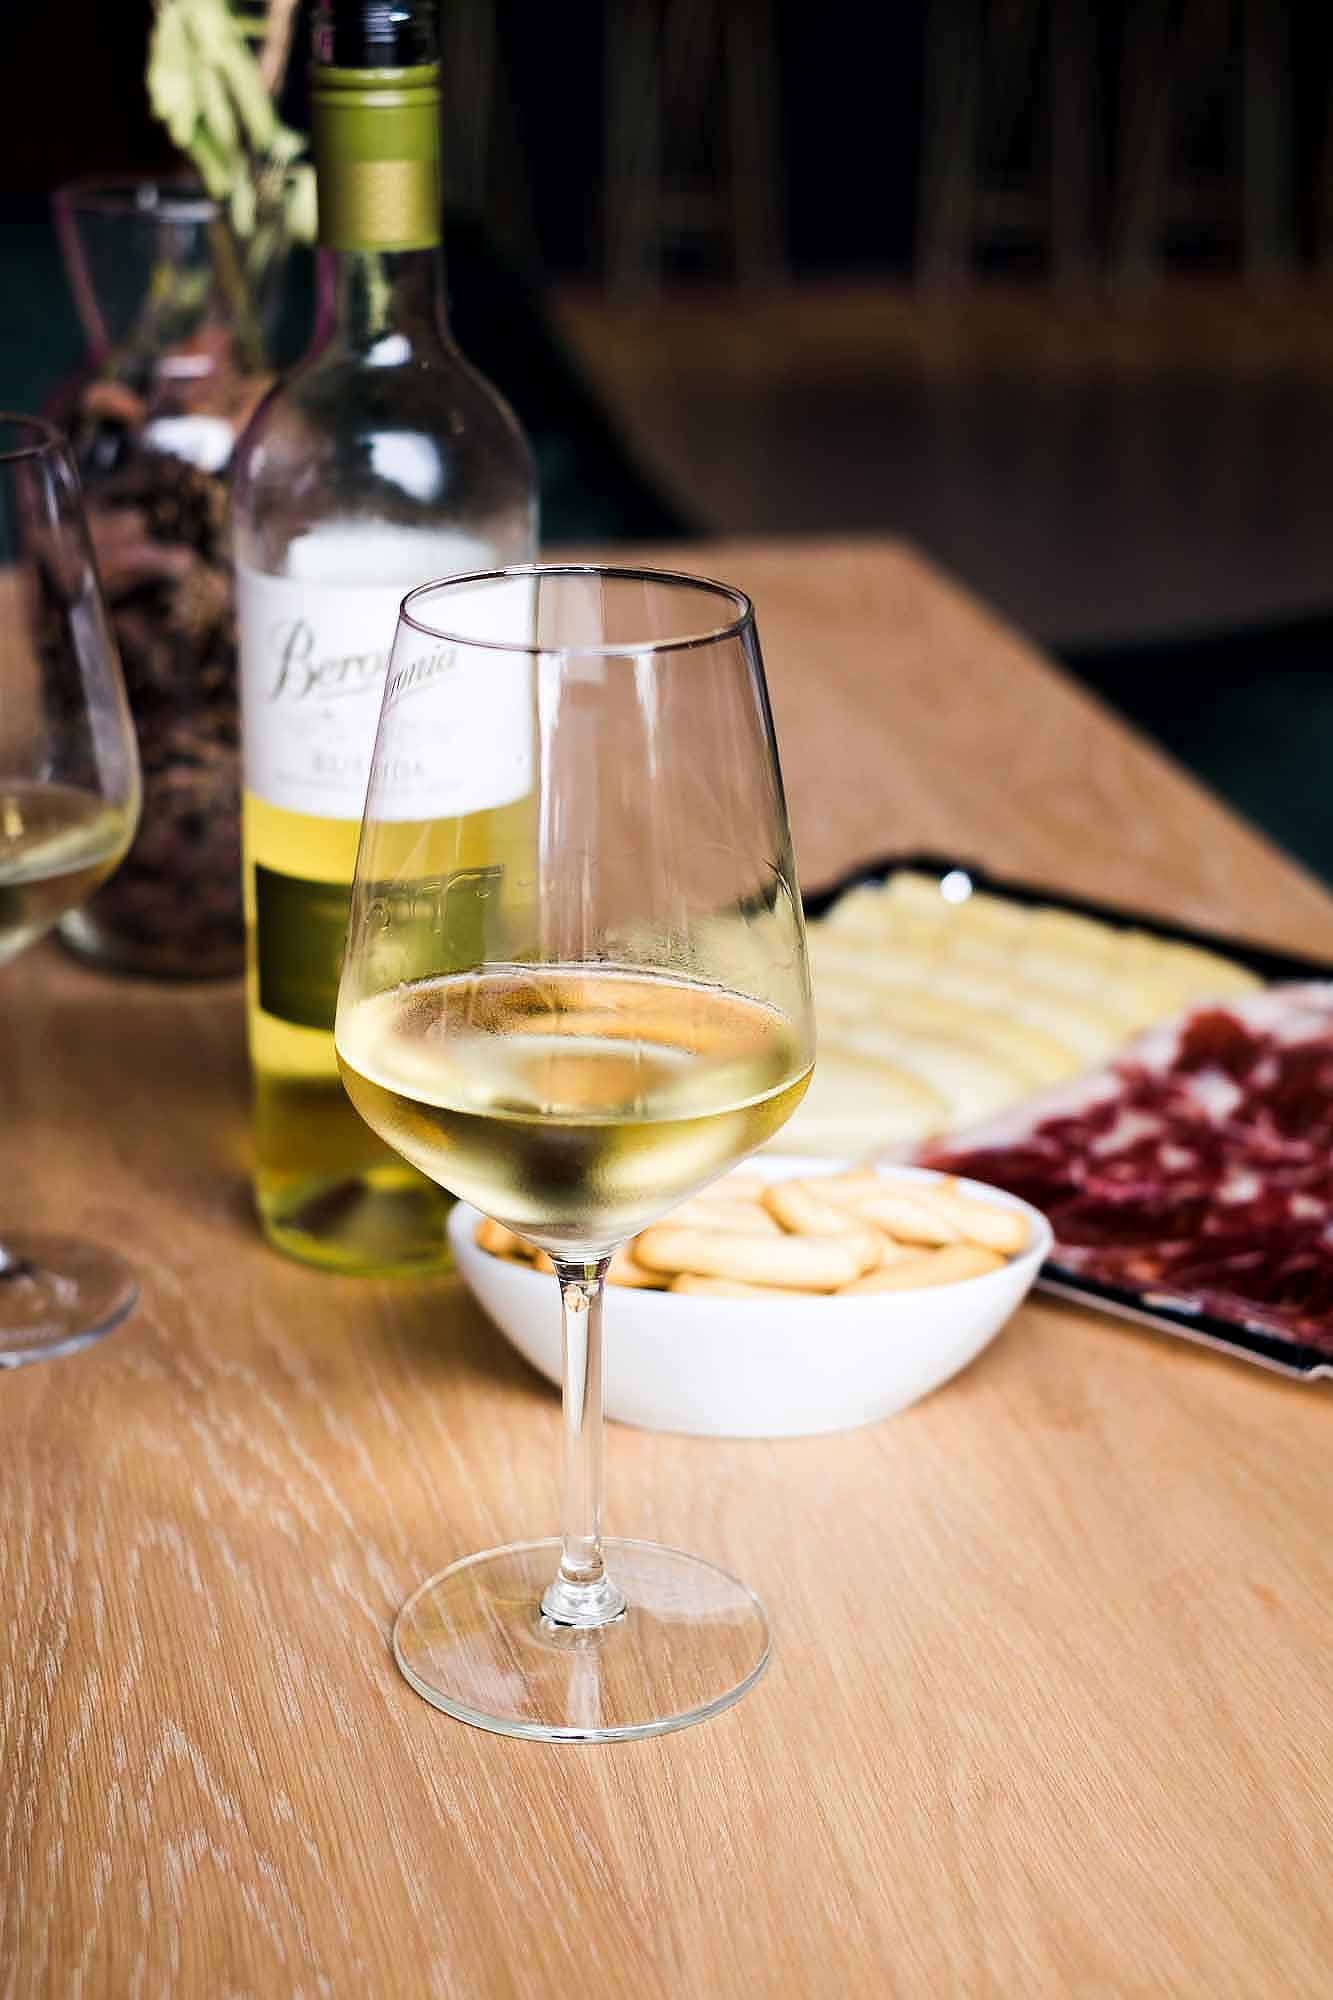 Beronia Rueda Verdejo Wine